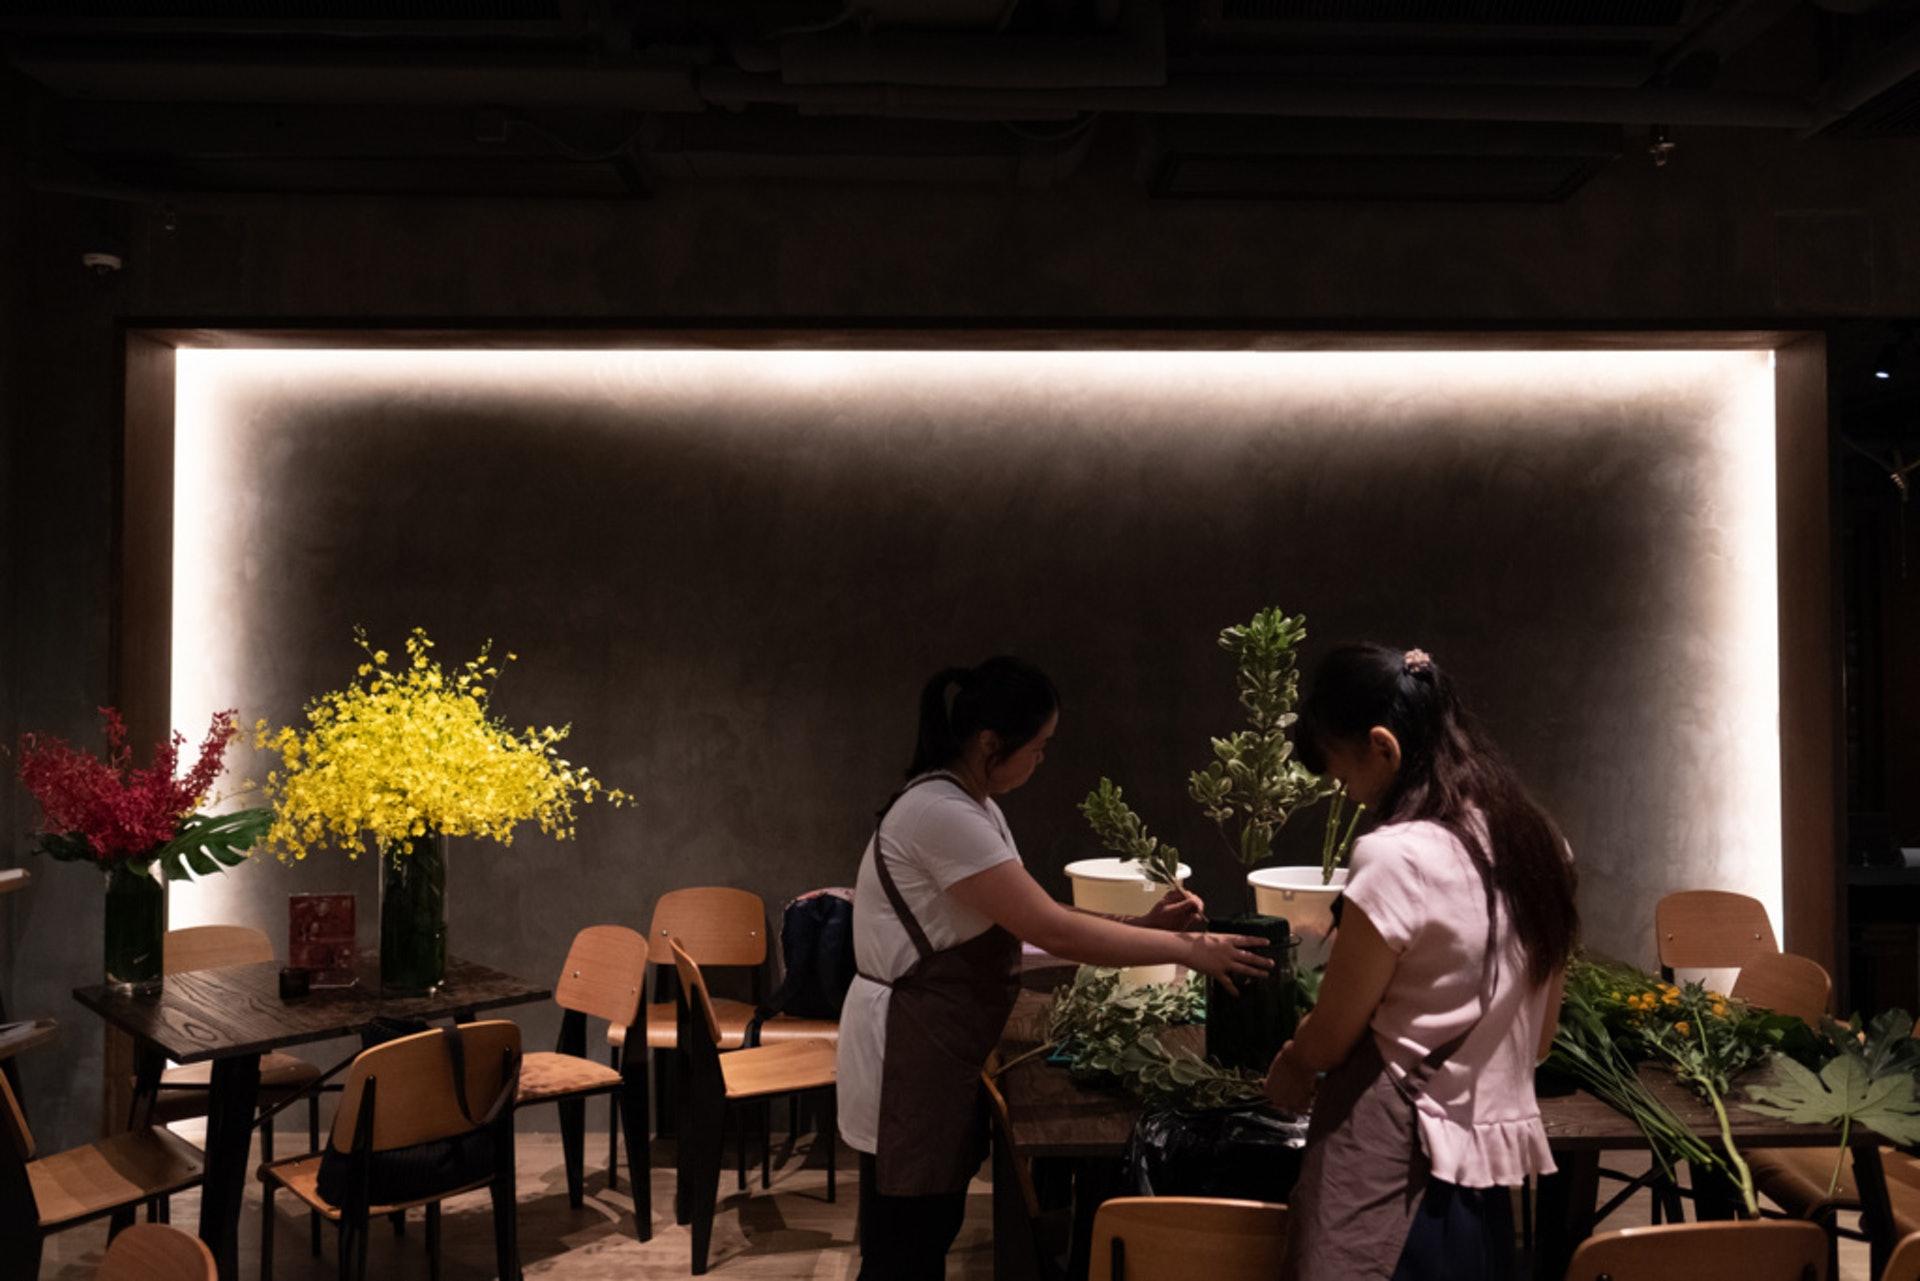 每周五上午,阿燕和阿娟會來到佐敦這間高級酒店,她們戴上圍裙,有板有眼地合力設計數座花飾。